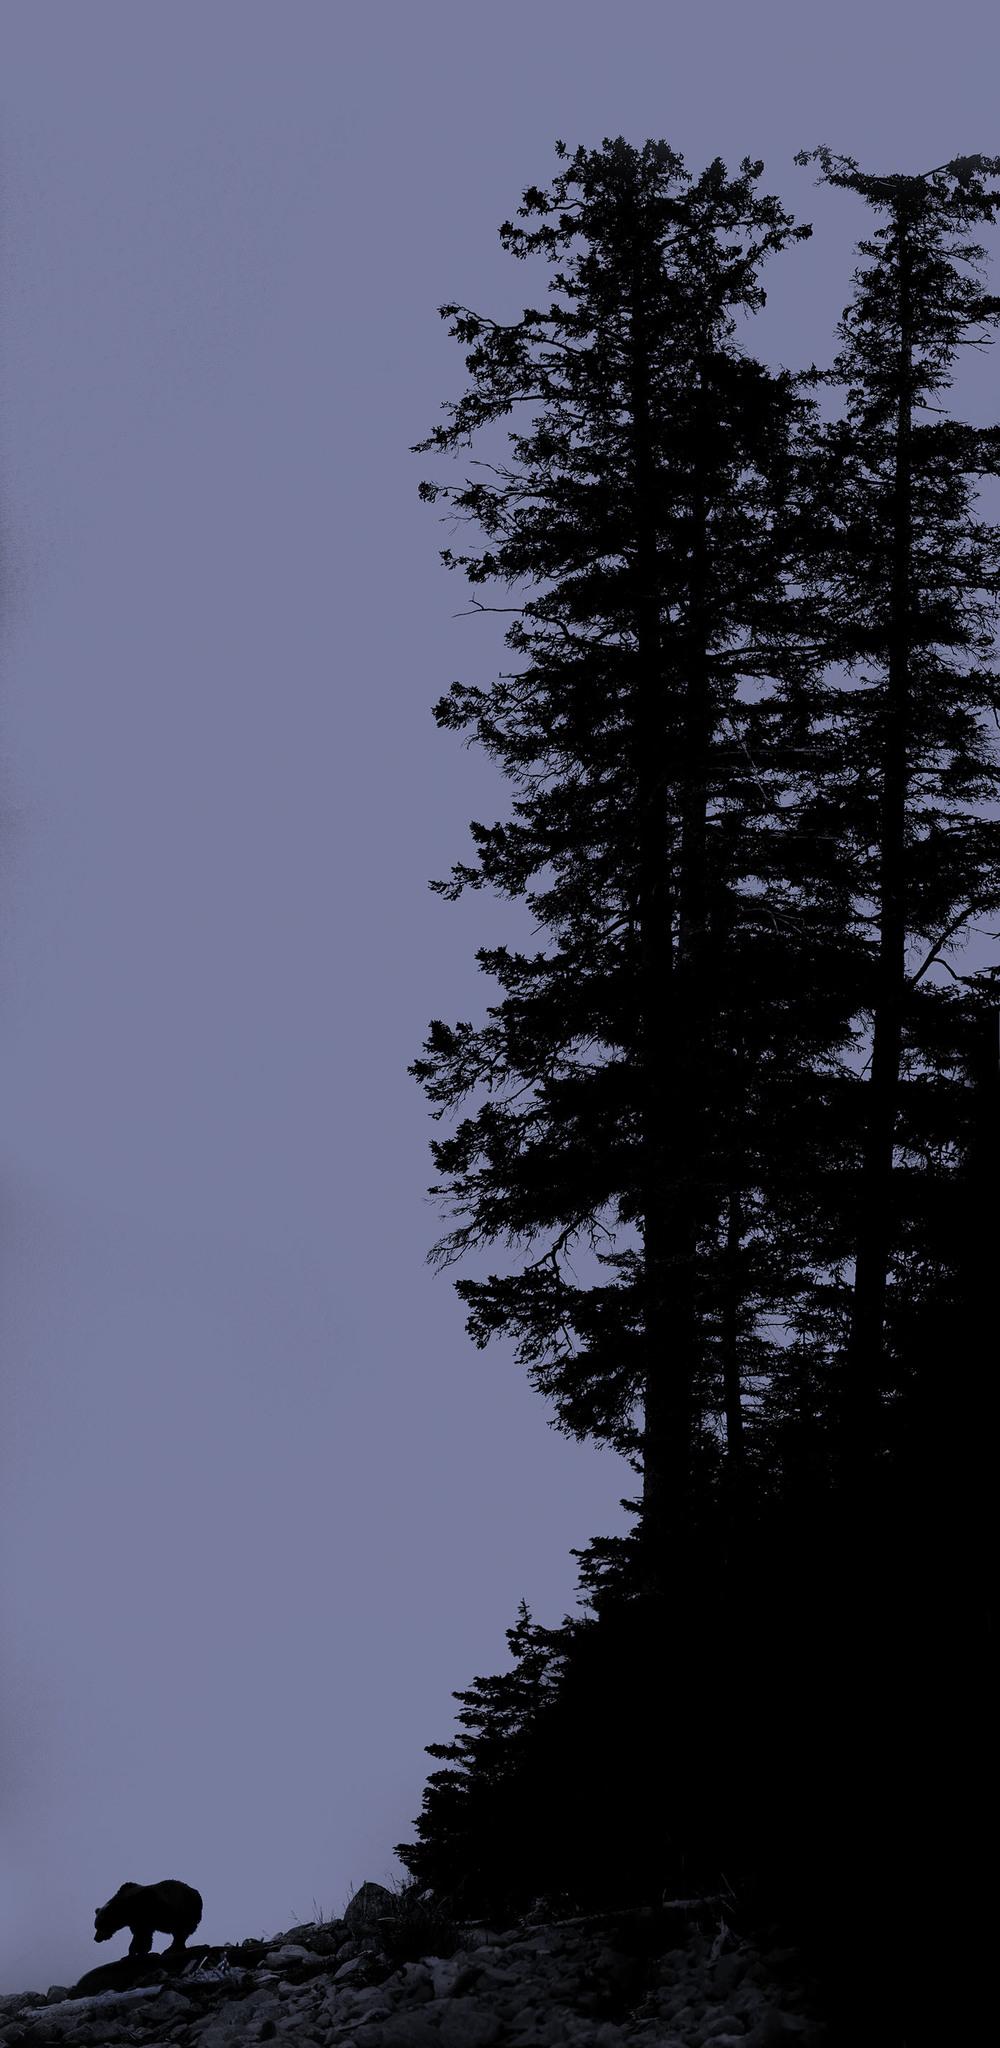 bear_tree_AG3P5044b.jpg